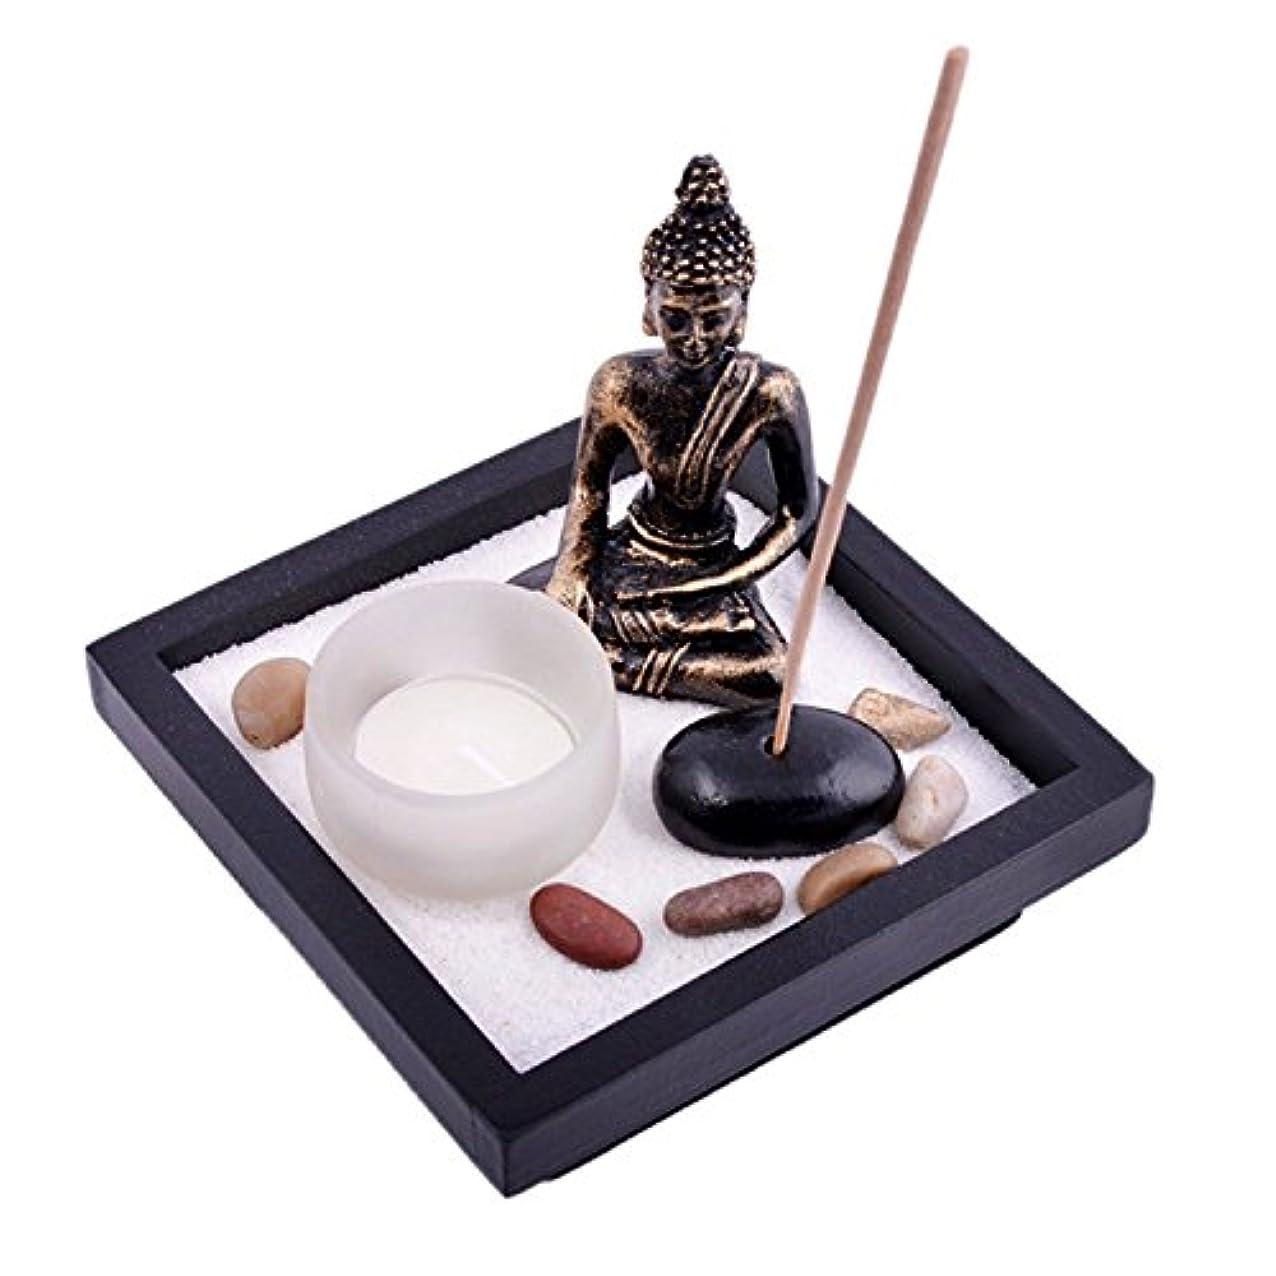 見分けるラップパントリーThy Collectibles Asian Japanese Feng Shui砂Zen Garden Buddha Tealight & Incense Holder yd50